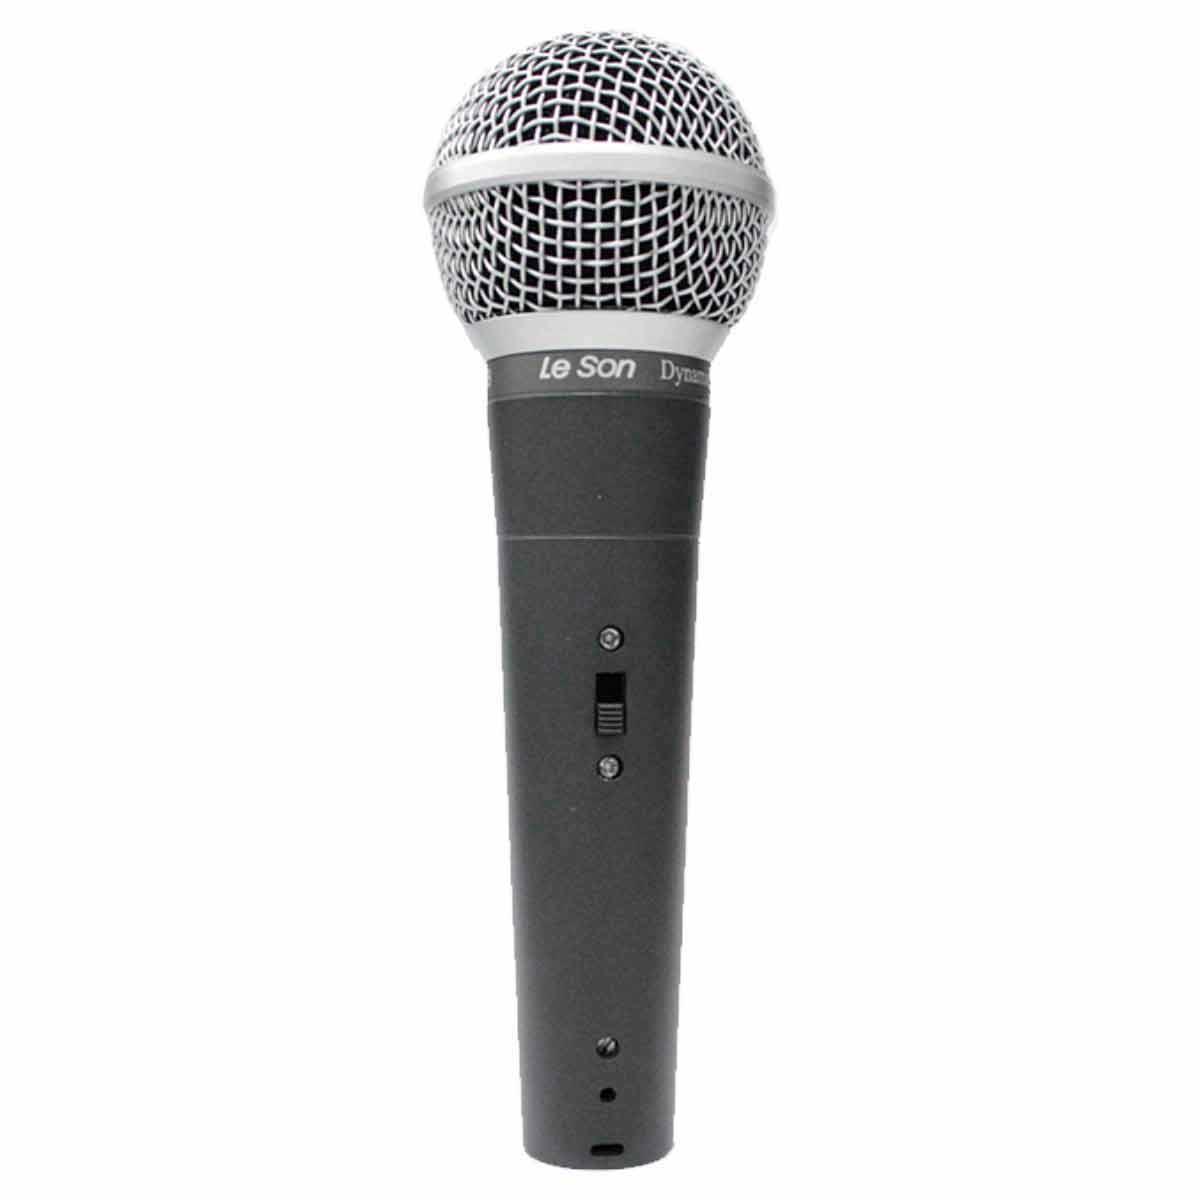 LS58 - Microfone c/ Fio de M�o LS 58 - Le Son